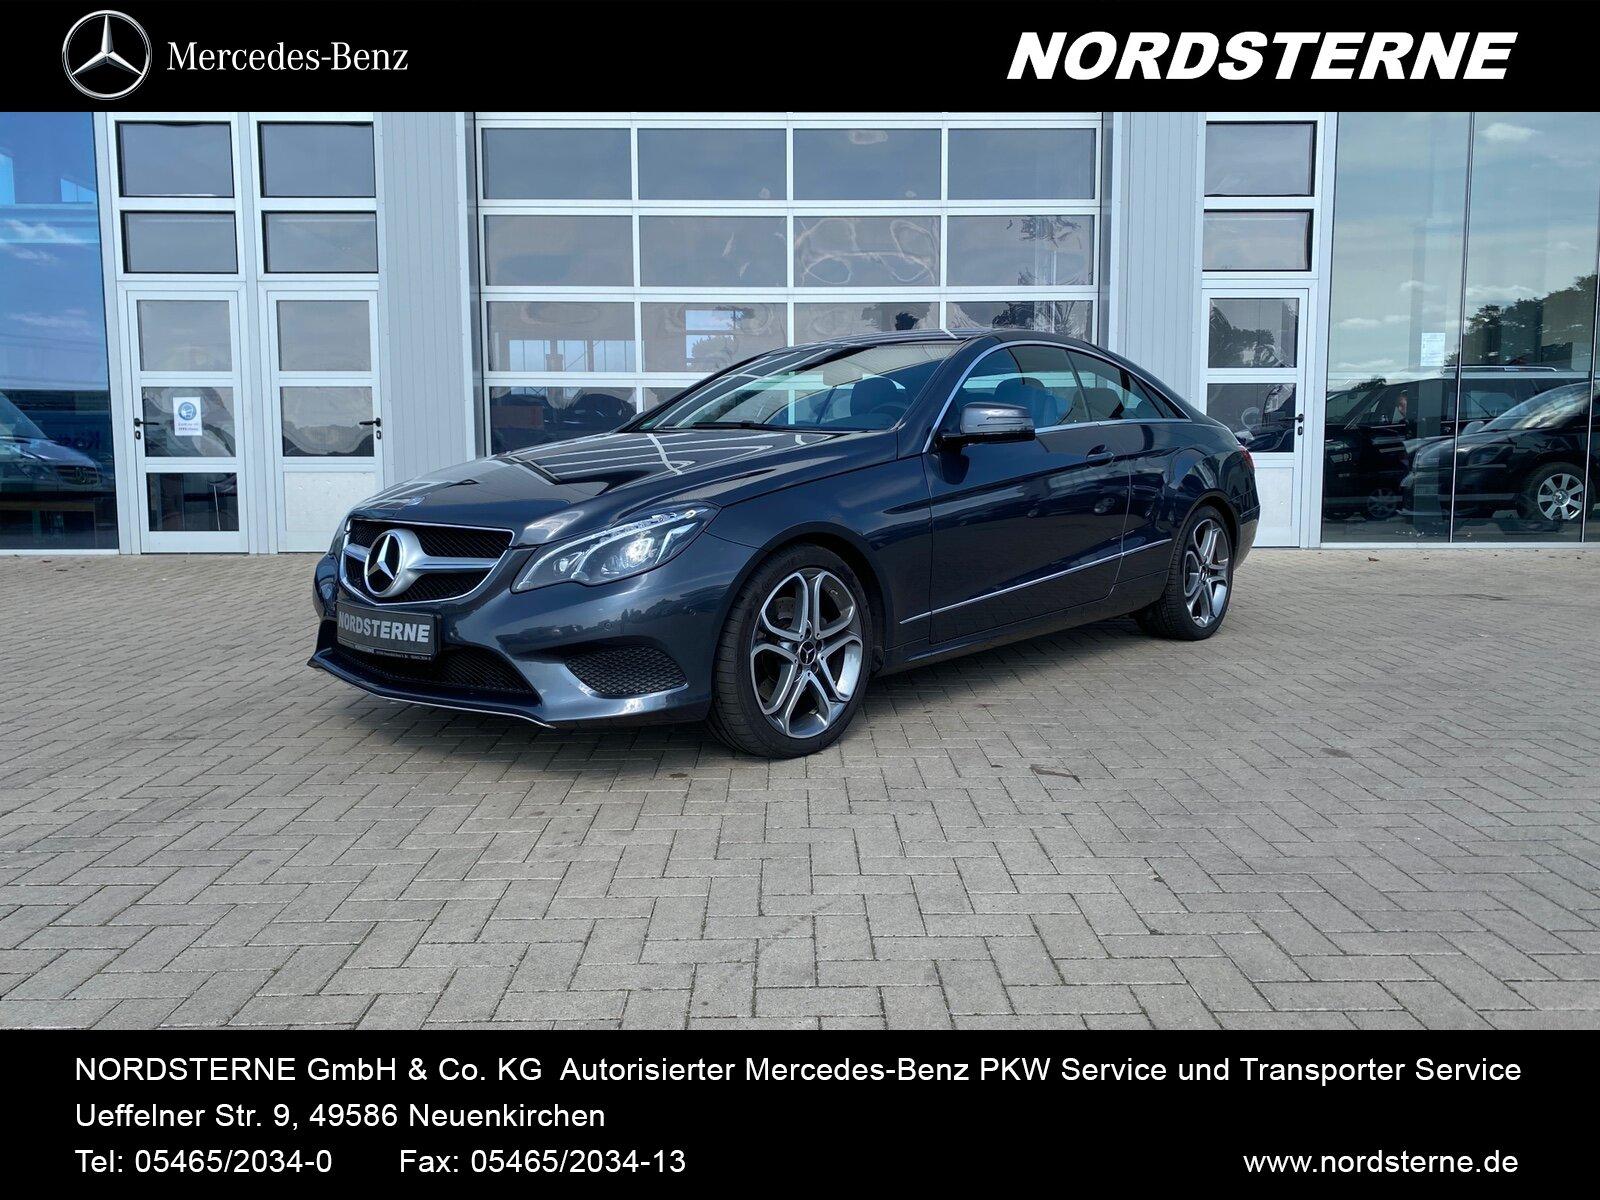 Mercedes-Benz E 220 CDI Coupé COMAND+SITZHEIZUNG+TEMPOMAT+LED, Jahr 2014, Diesel